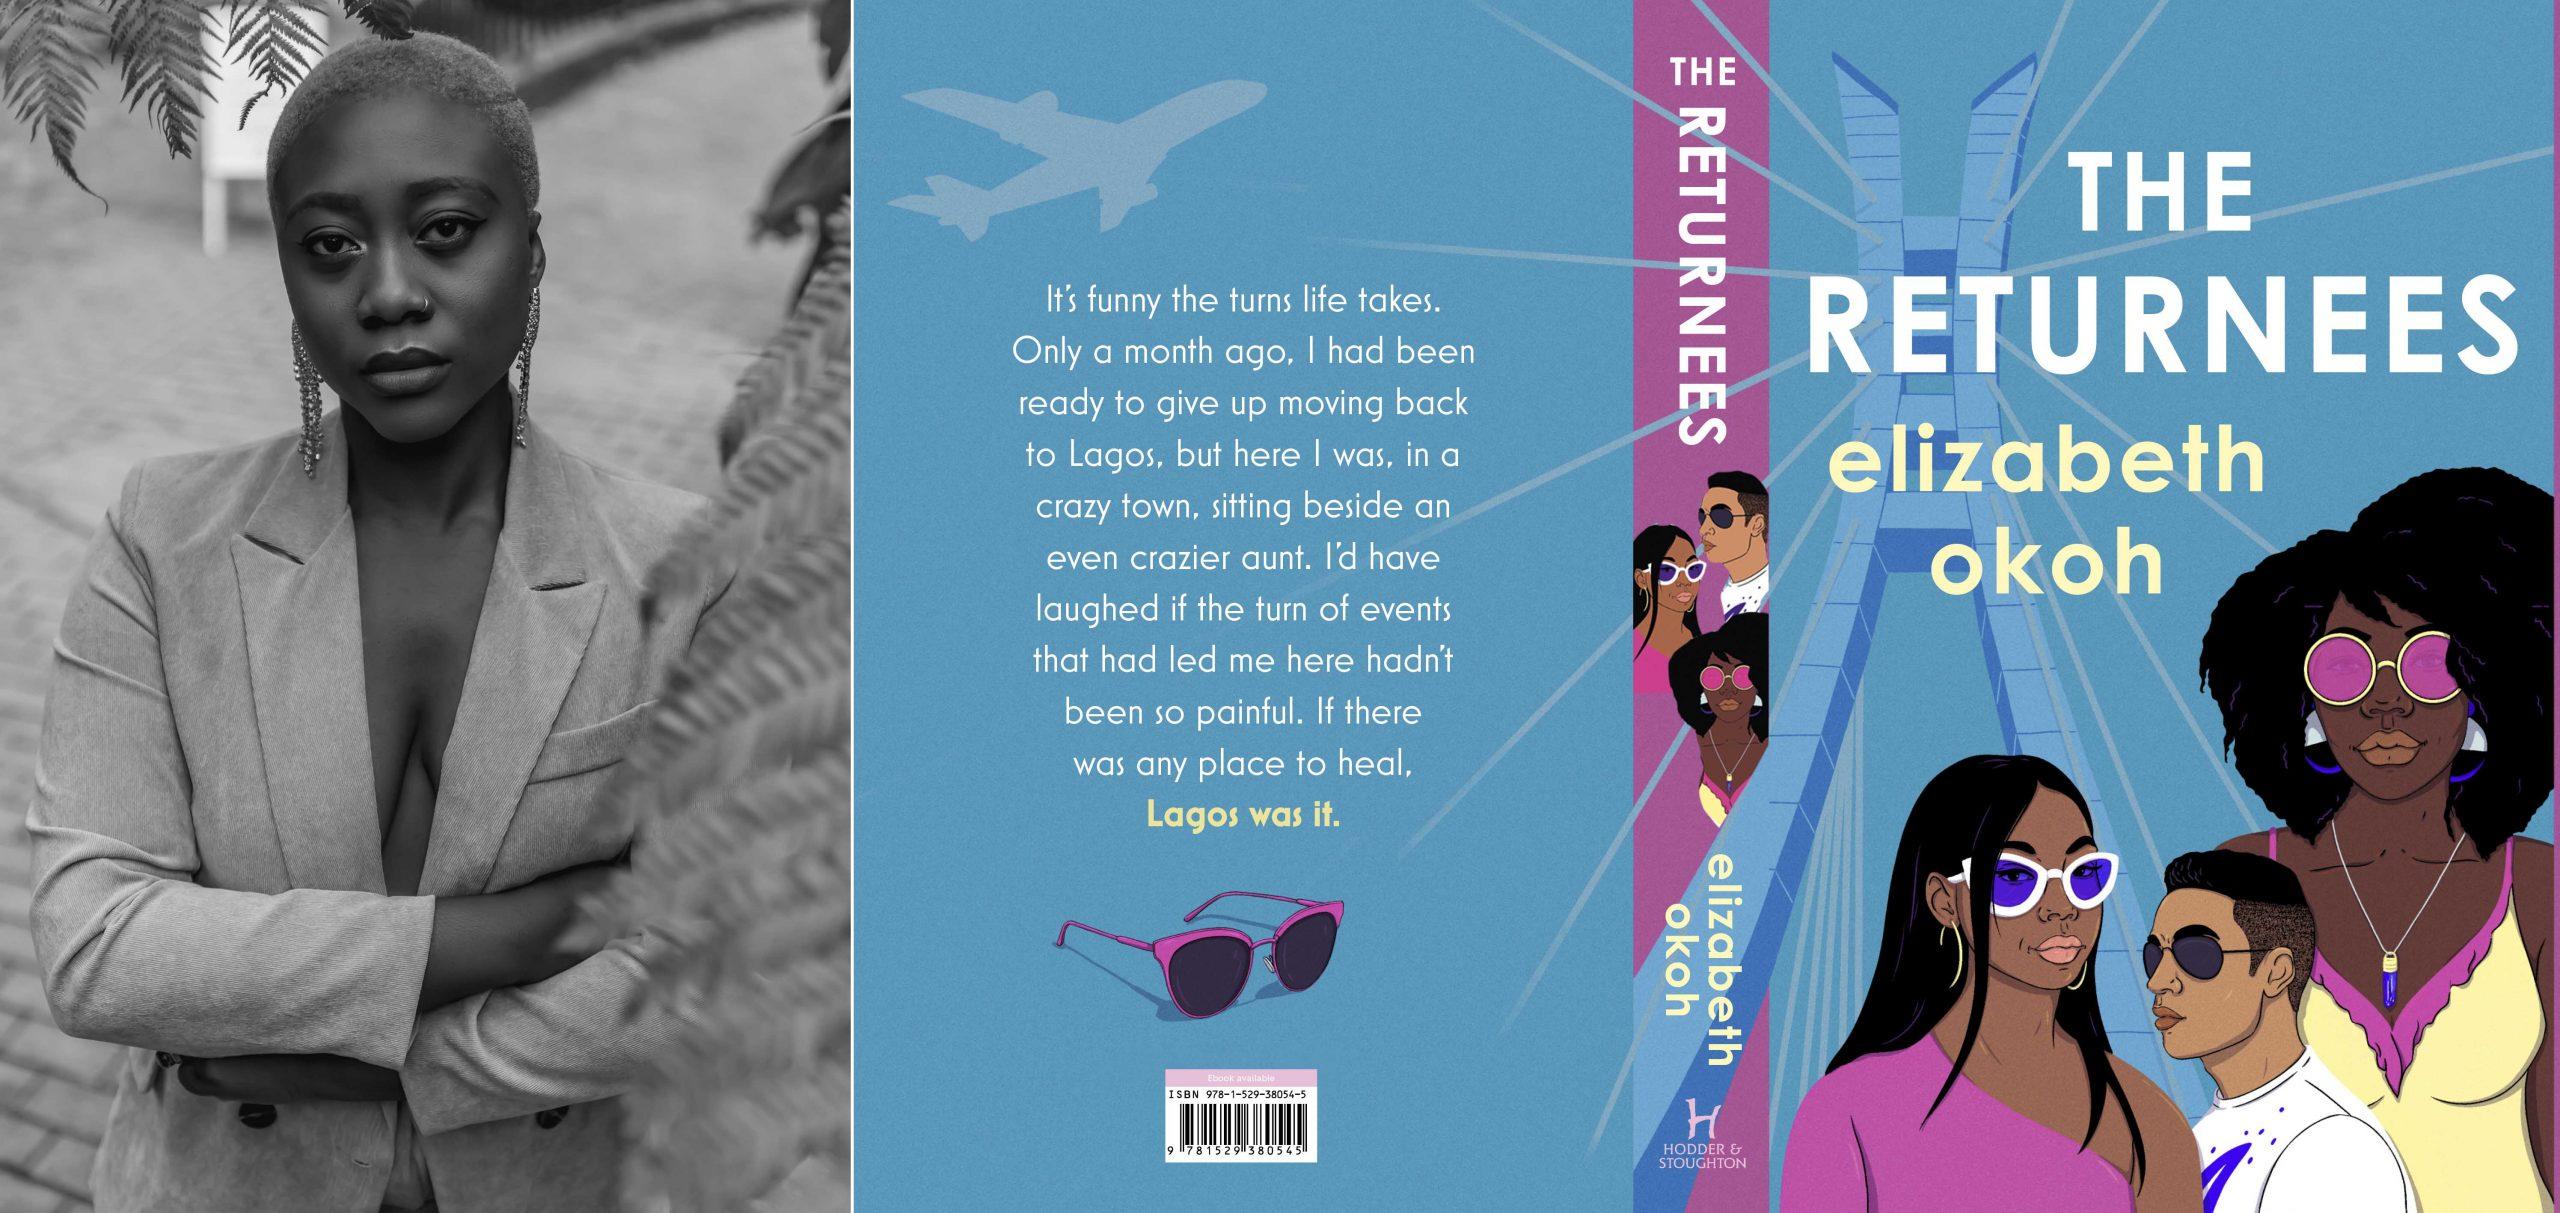 The Returnees novel